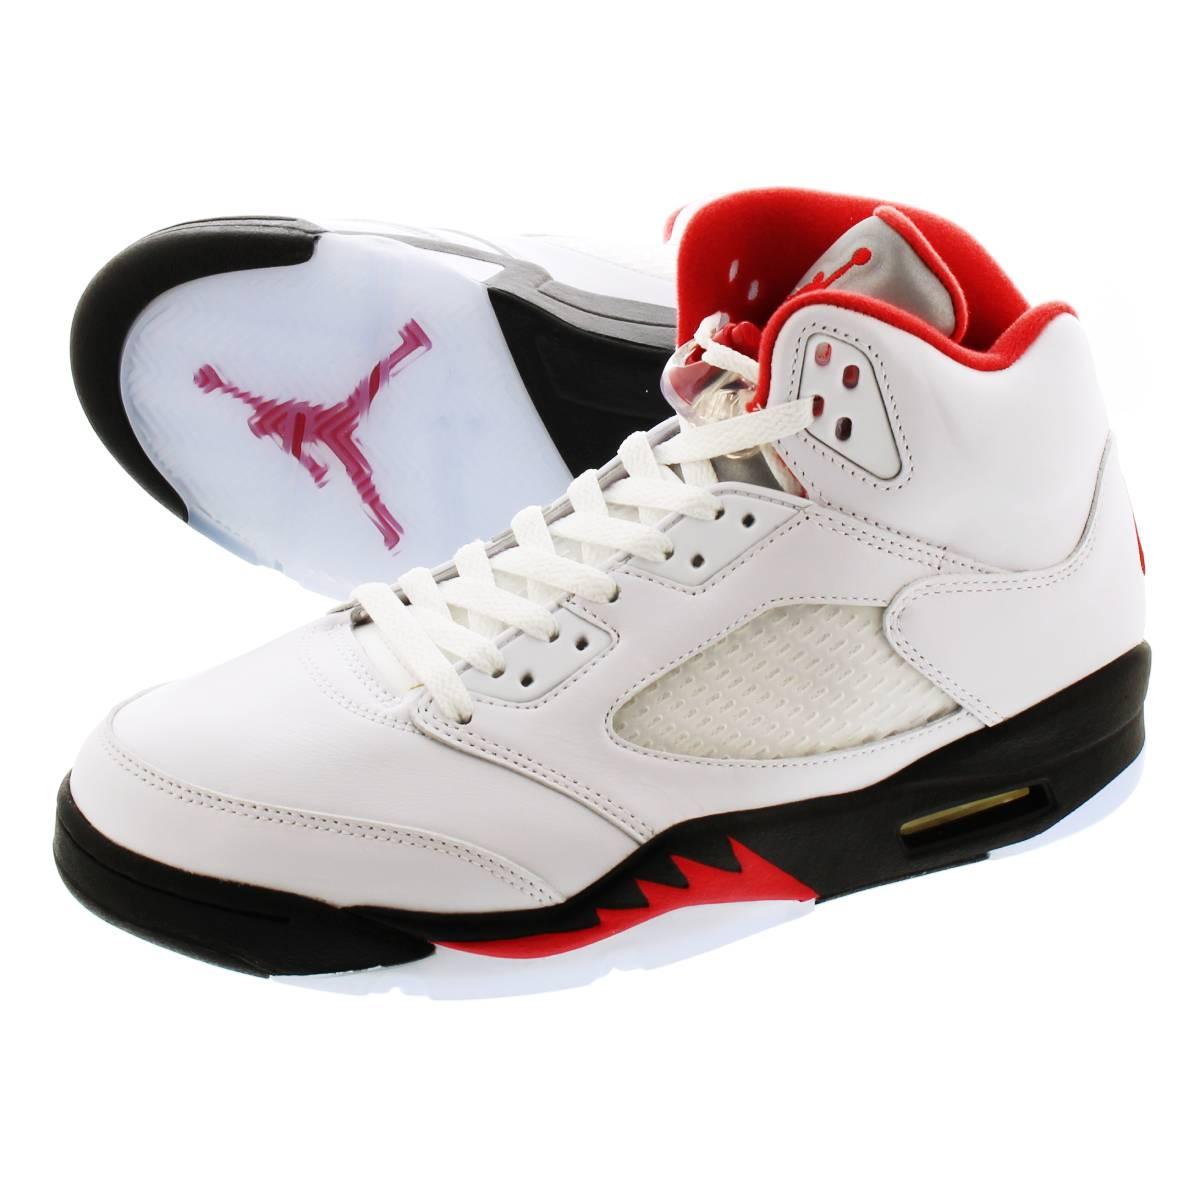 メンズ靴, スニーカー NIKE AIR JORDAN 5 RETRO 5 TRUE WHITEFIRE REDBLACK da1911-102